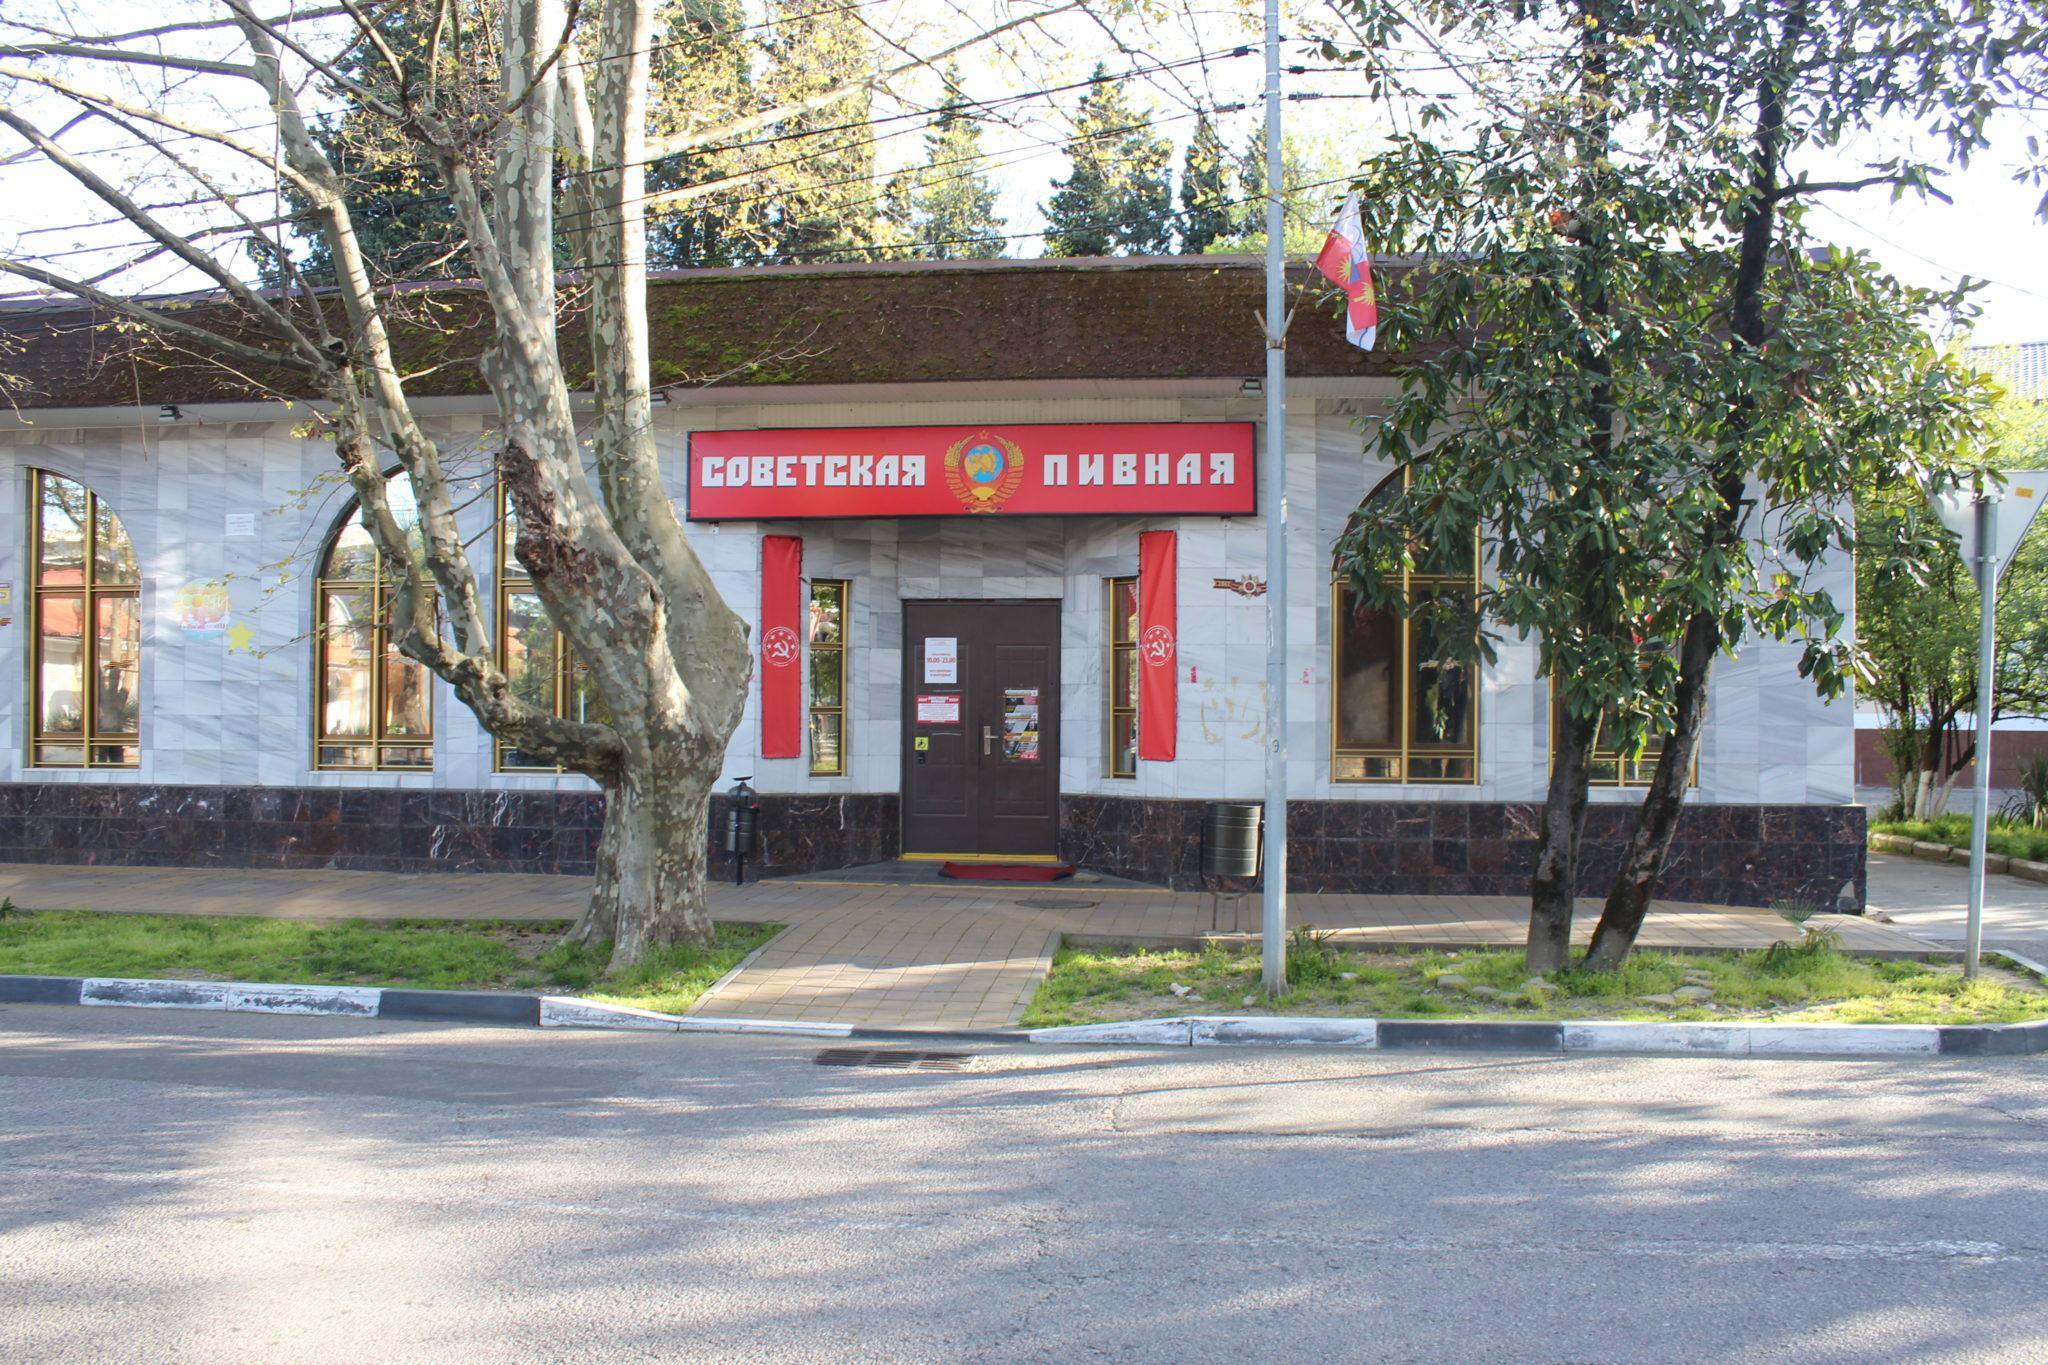 Советская пивная, Хоста